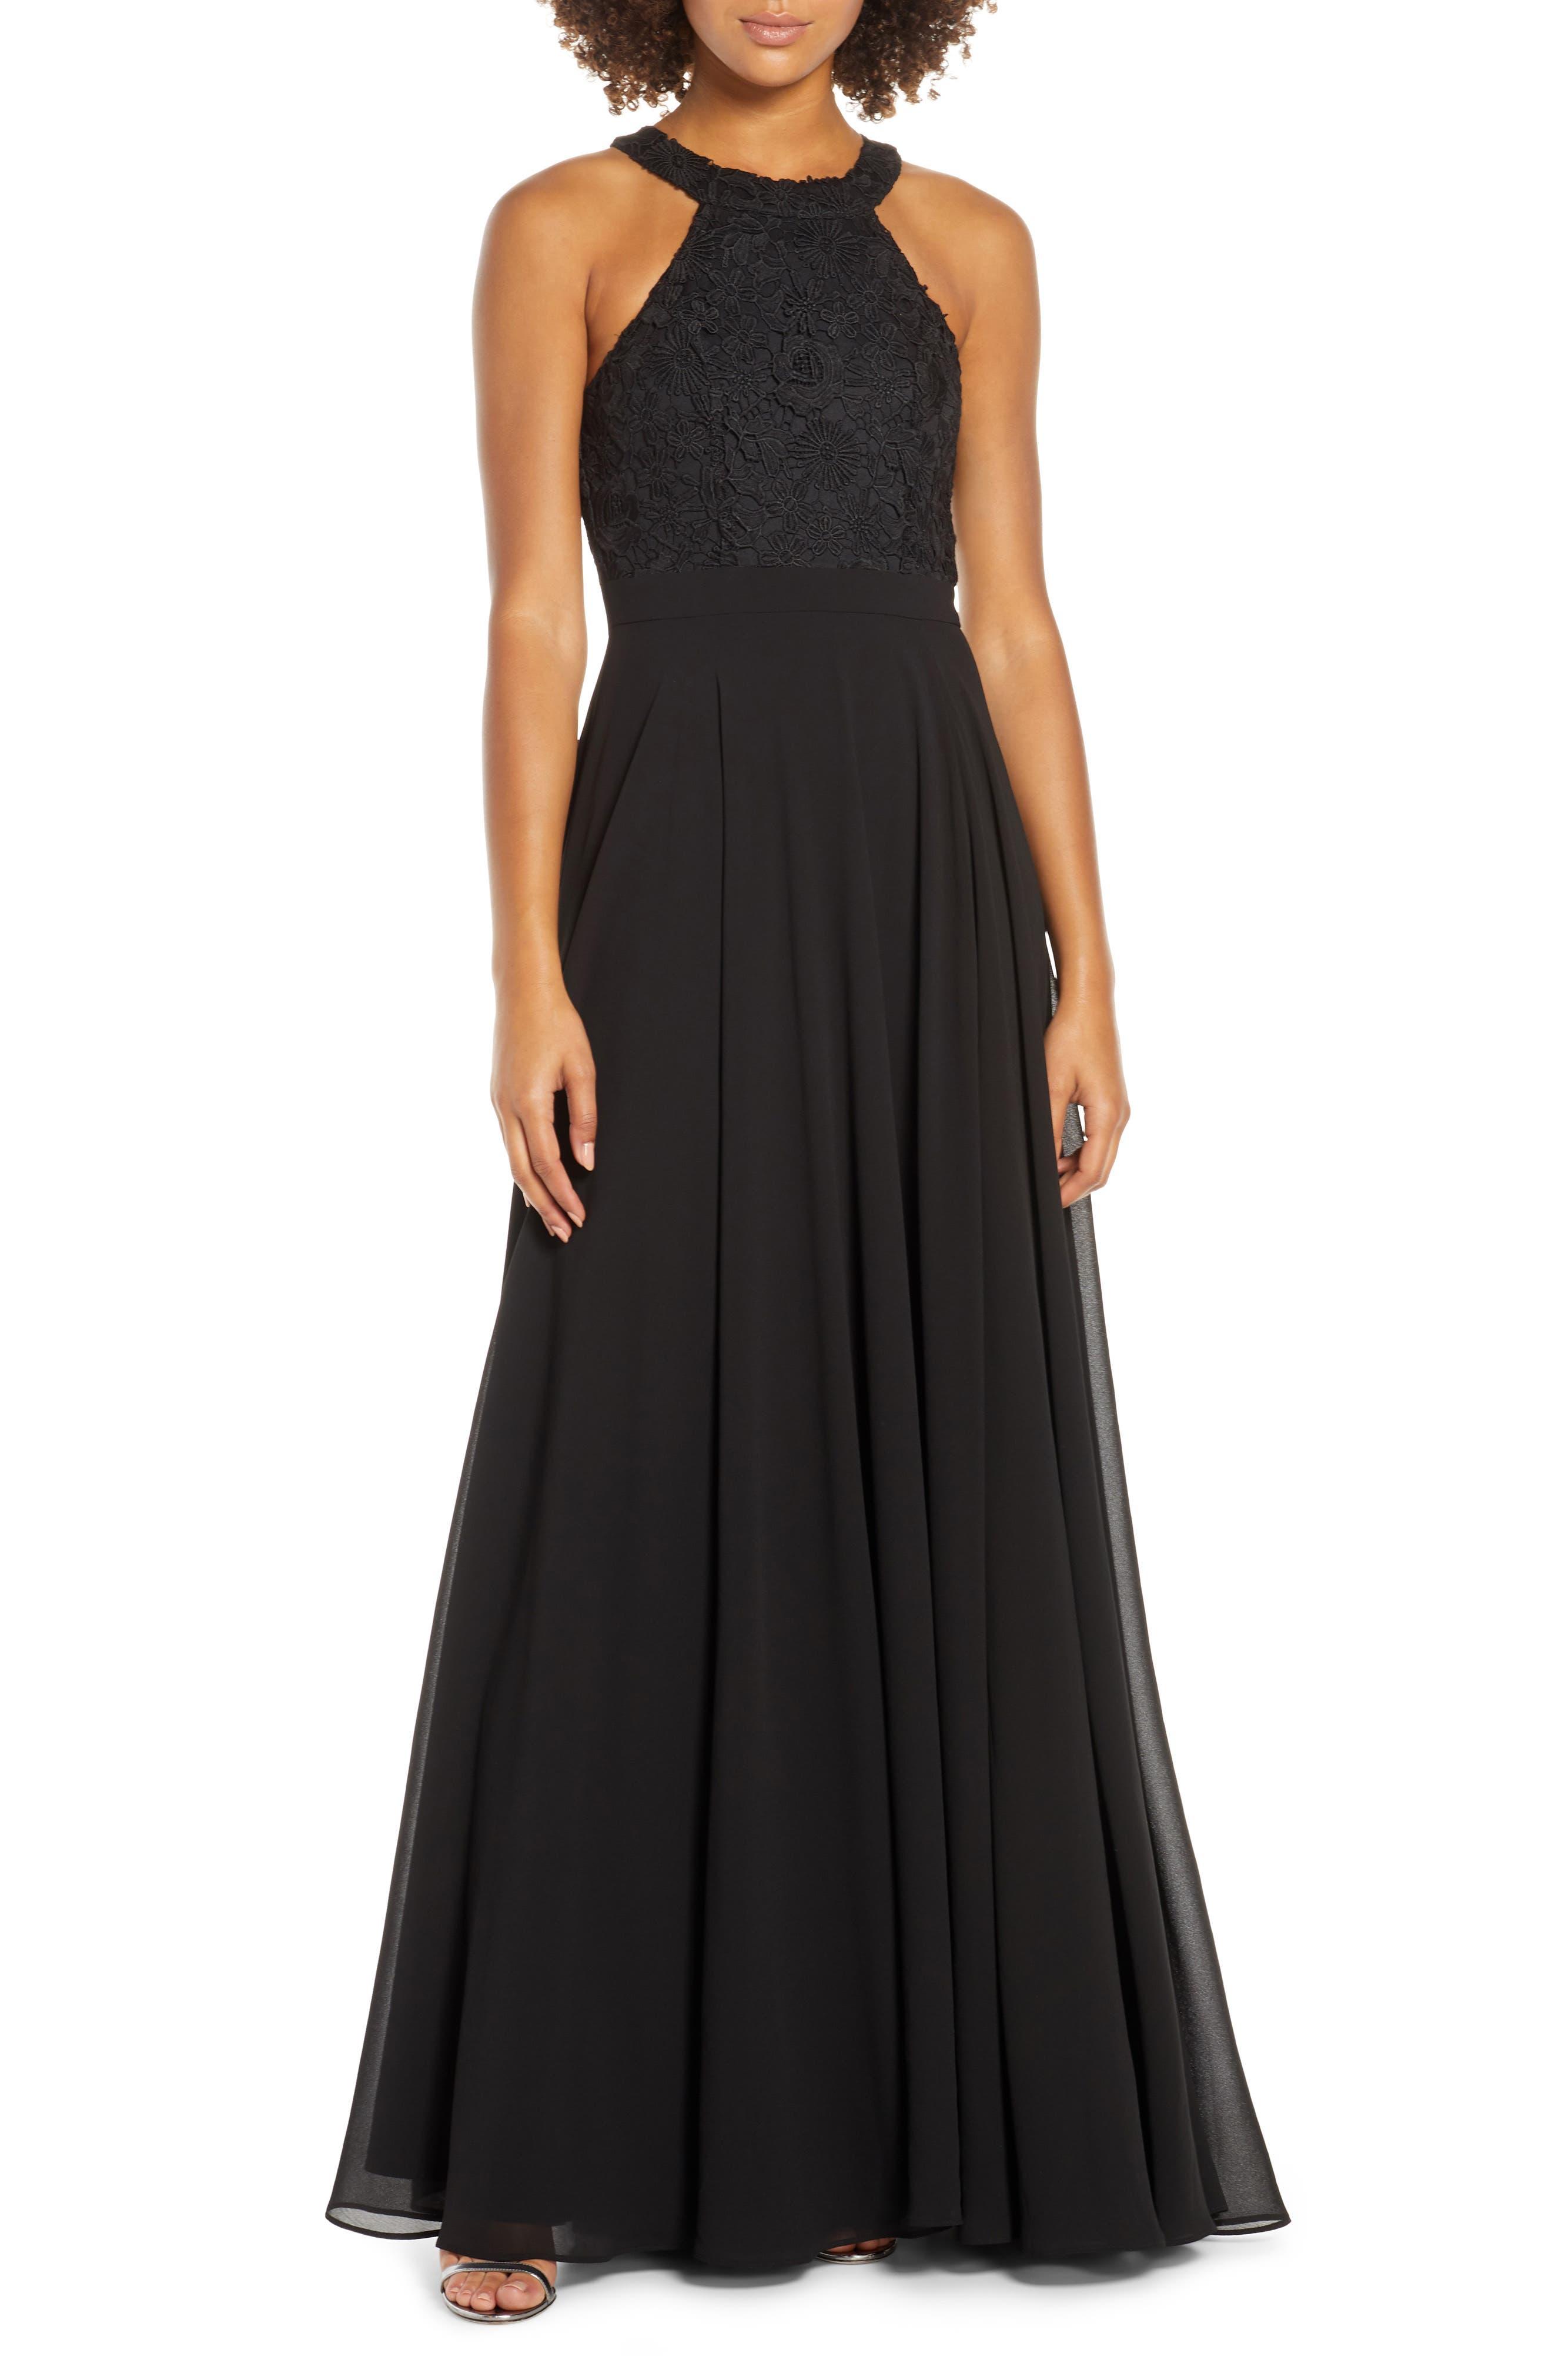 Lulus Love Poem Lace Halter Gown, Black